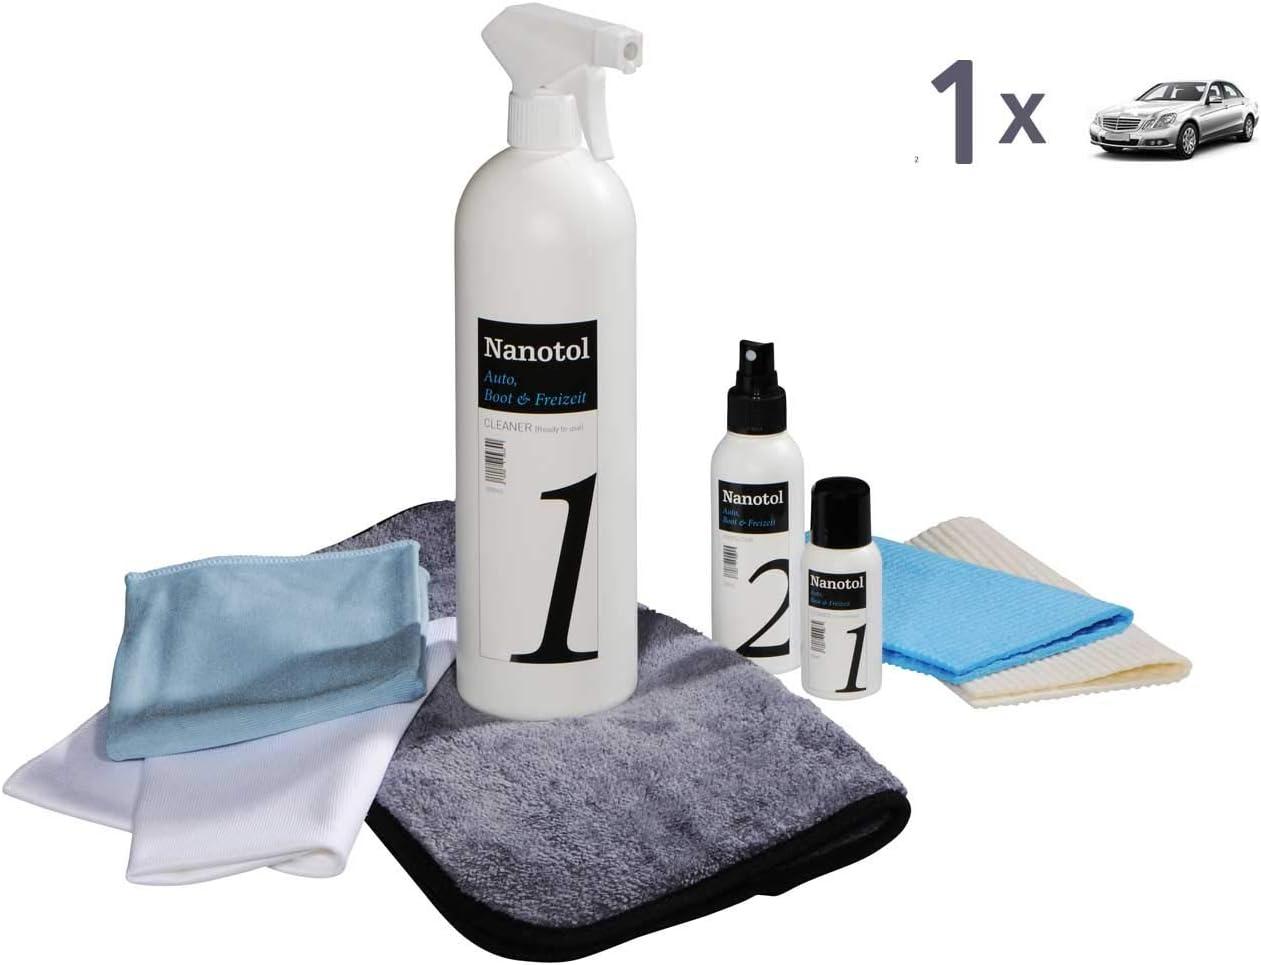 Nanotol Premium Nanoversiegelung/Keramikversiegelung Autopflege Set S (reicht für 1 KFZ) / Universell anwendbar auf Lack - Nanoversiegelung